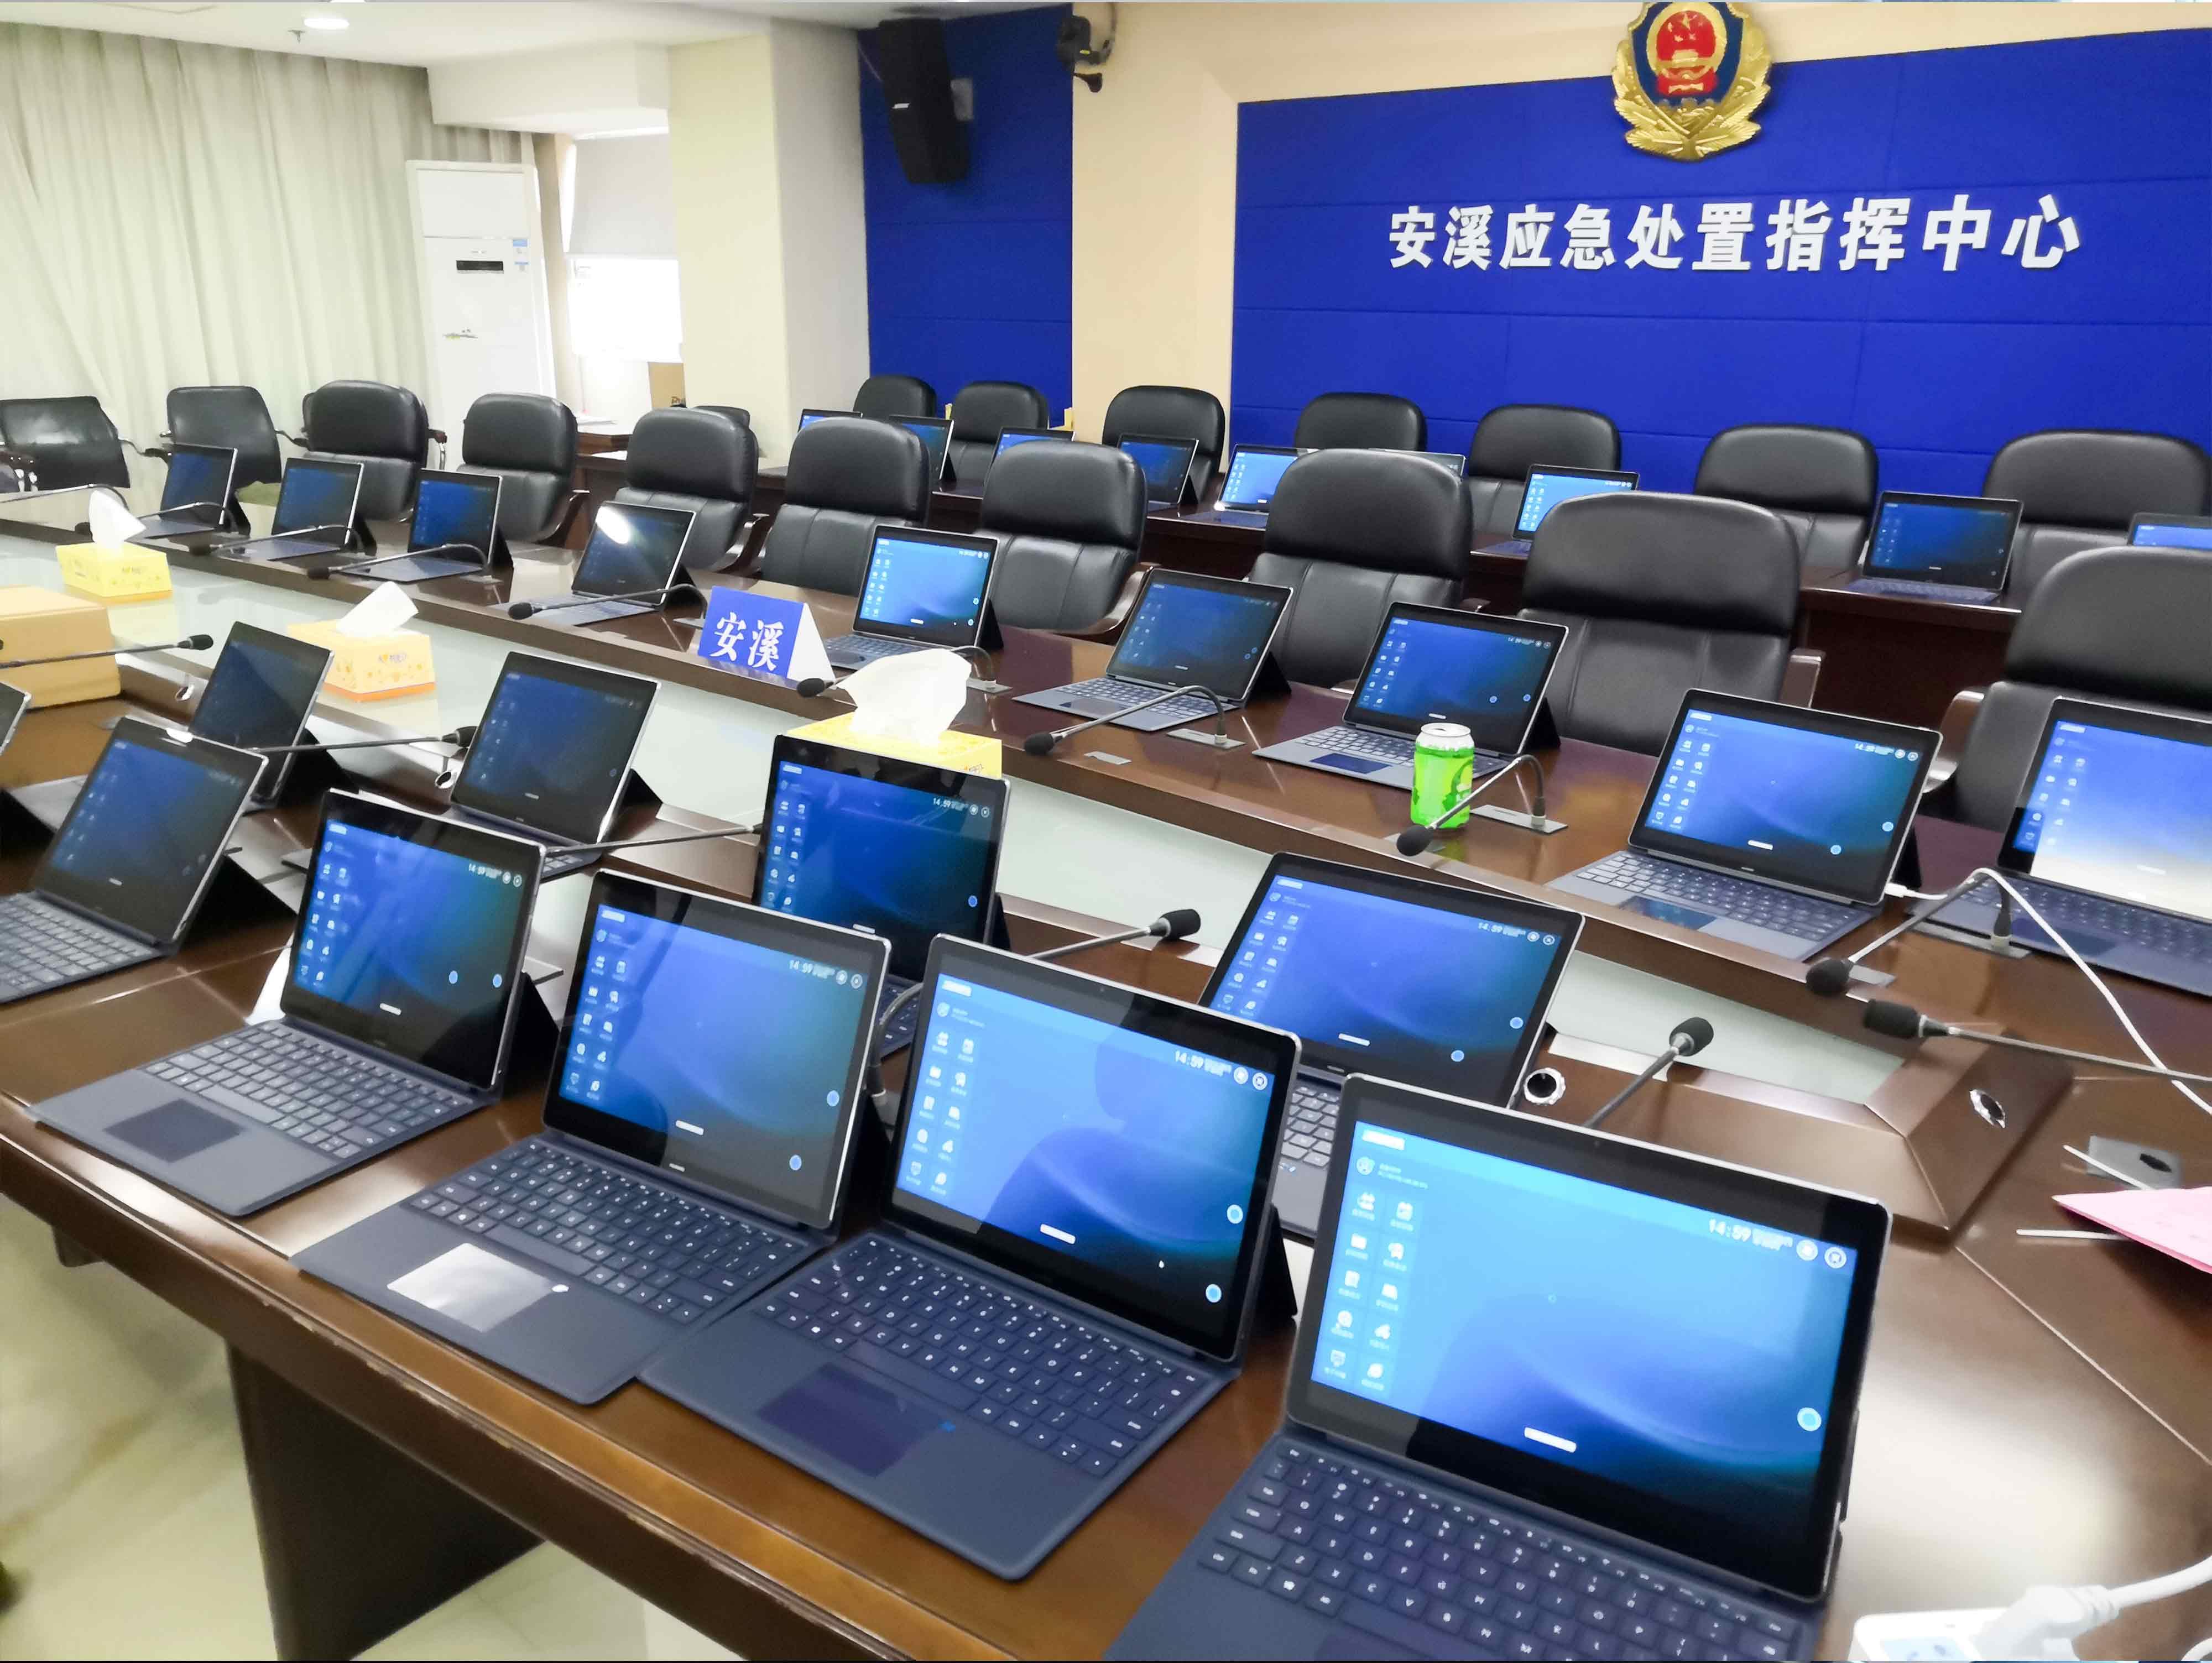 安溪县公安局应急指挥中心